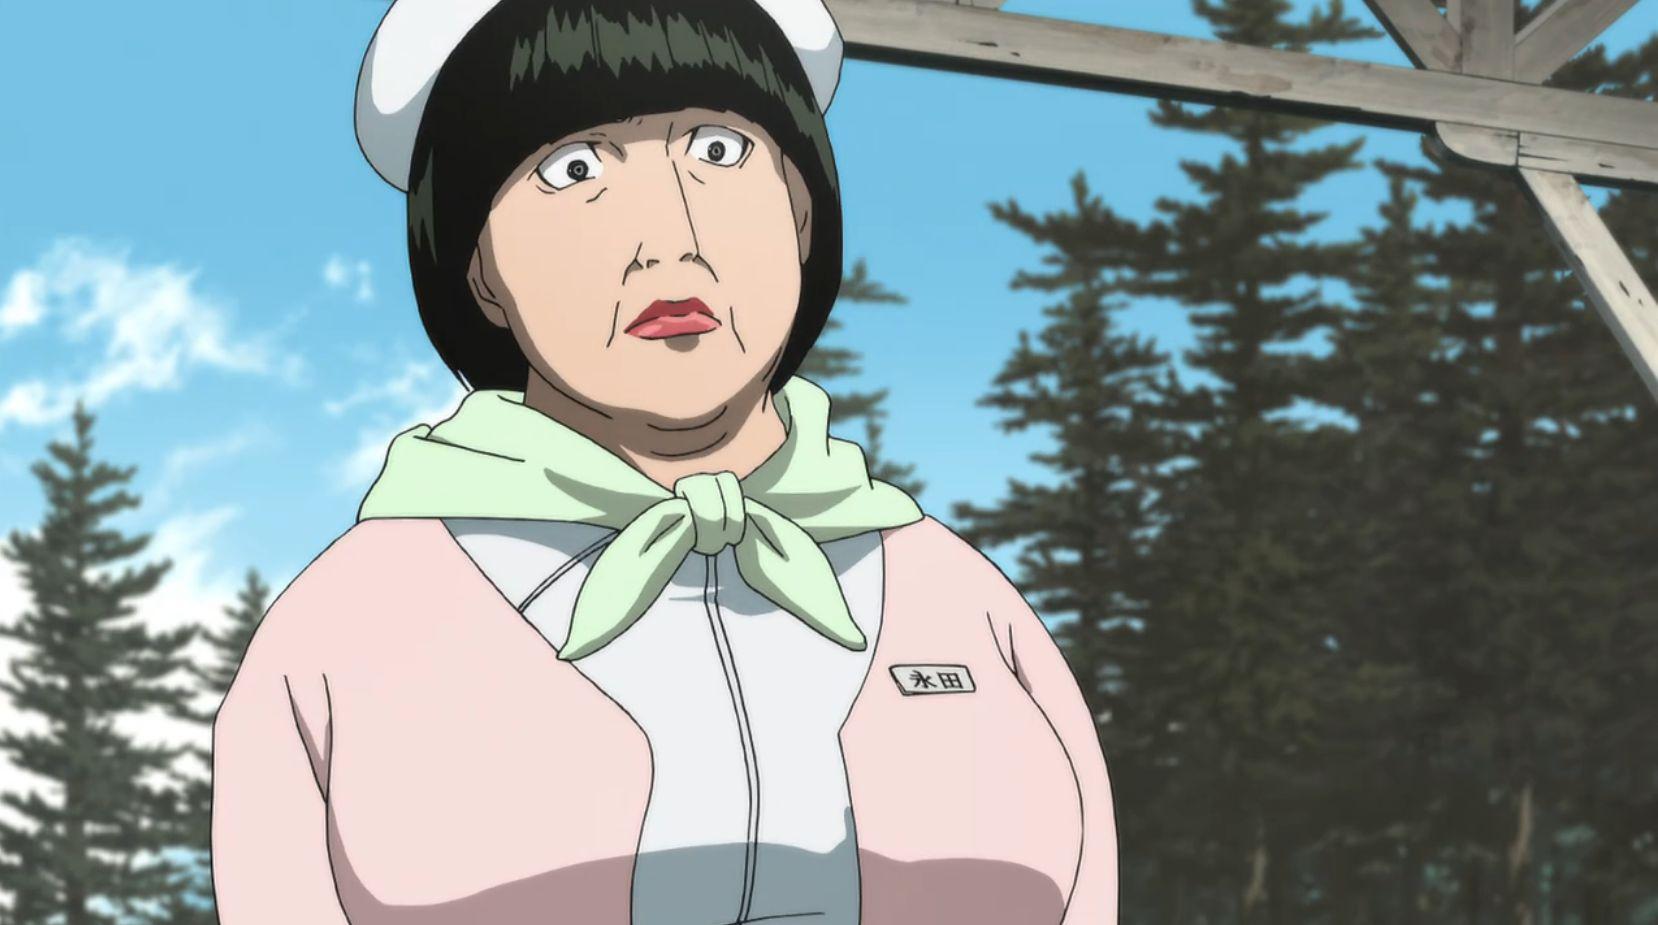 Kiyomi Nagata